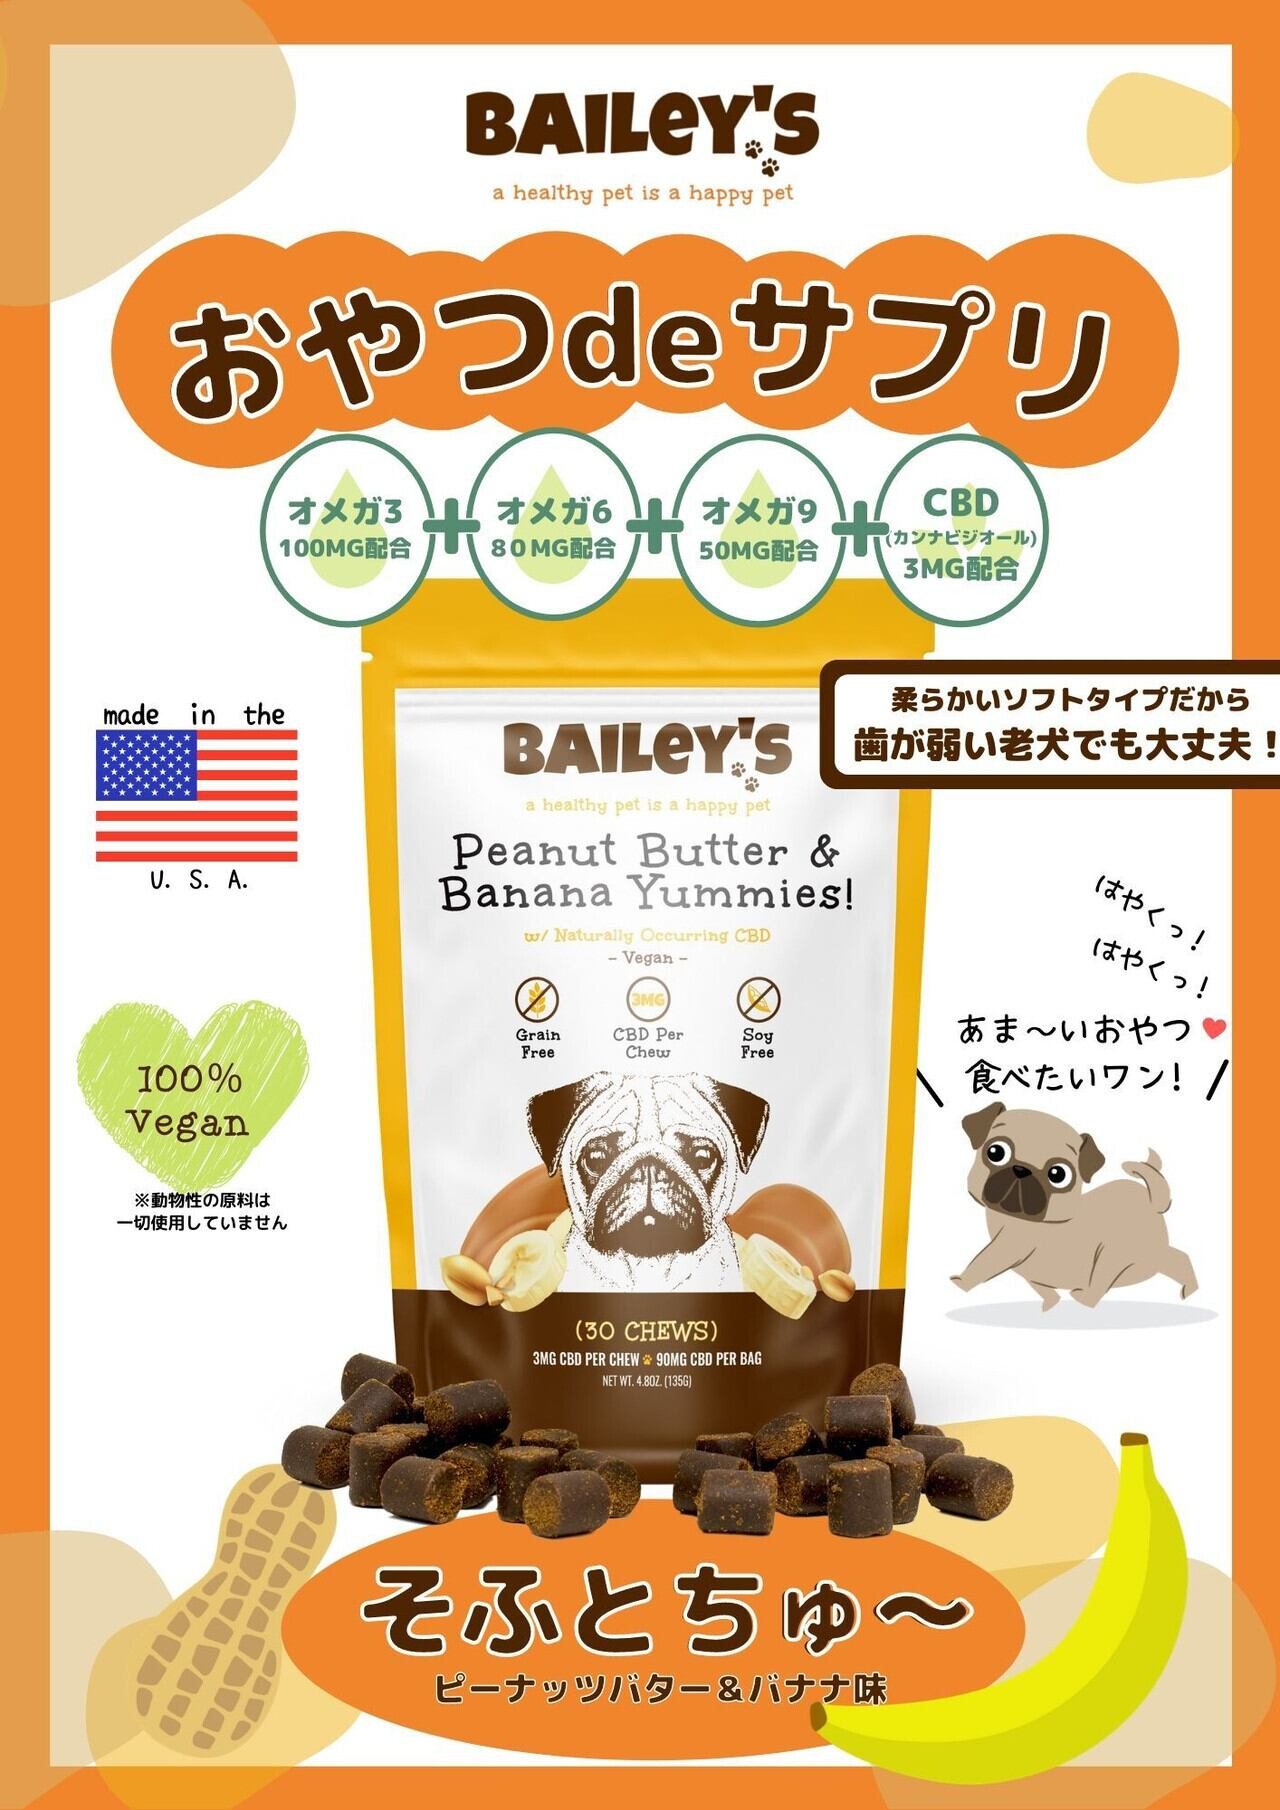 【BAILeY's】おやつdeサプリ そふとちゅ~ ピーナッツバター&バナナ味 - 5個入 -